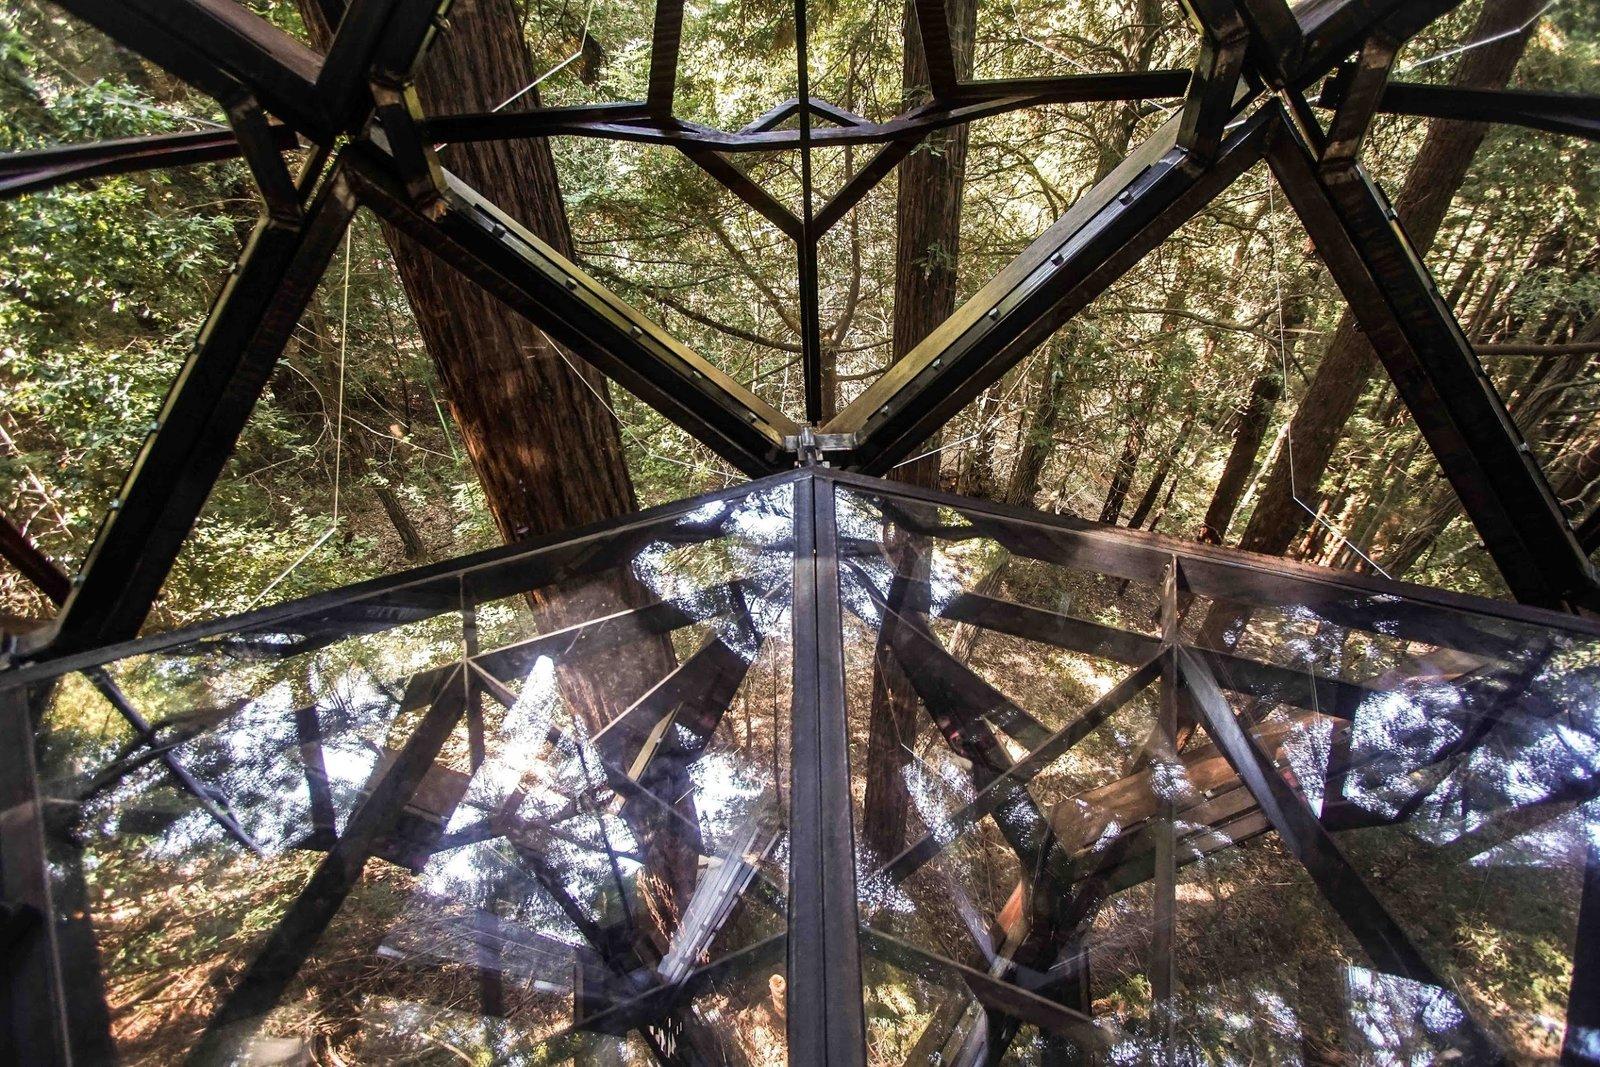 Pinecone tree house interior glass floor